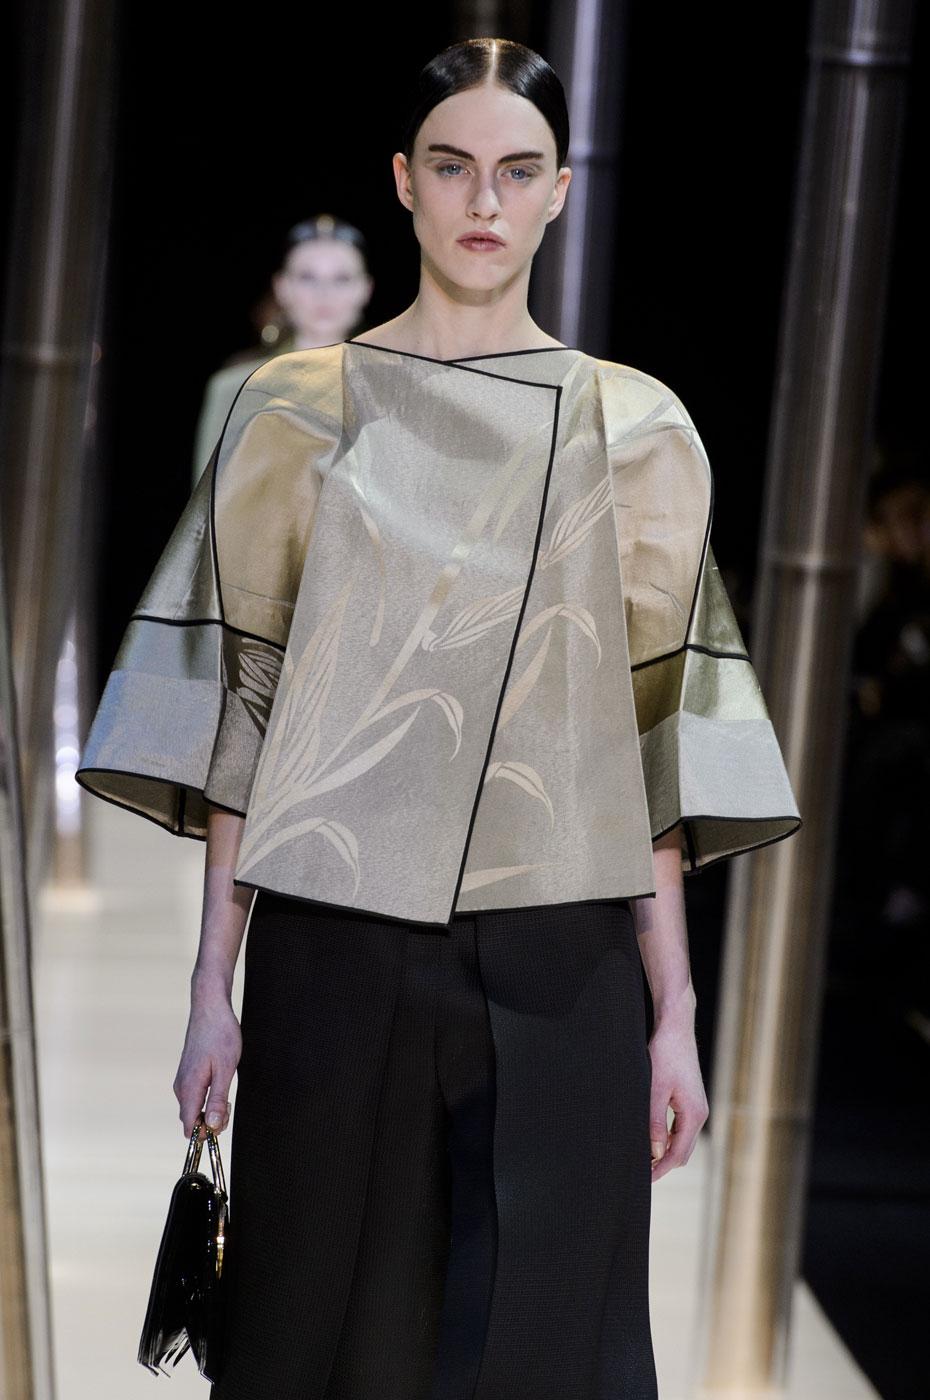 Giorgio-armani-Prive-fashion-runway-show-haute-couture-paris-spring-2015-the-impression-034